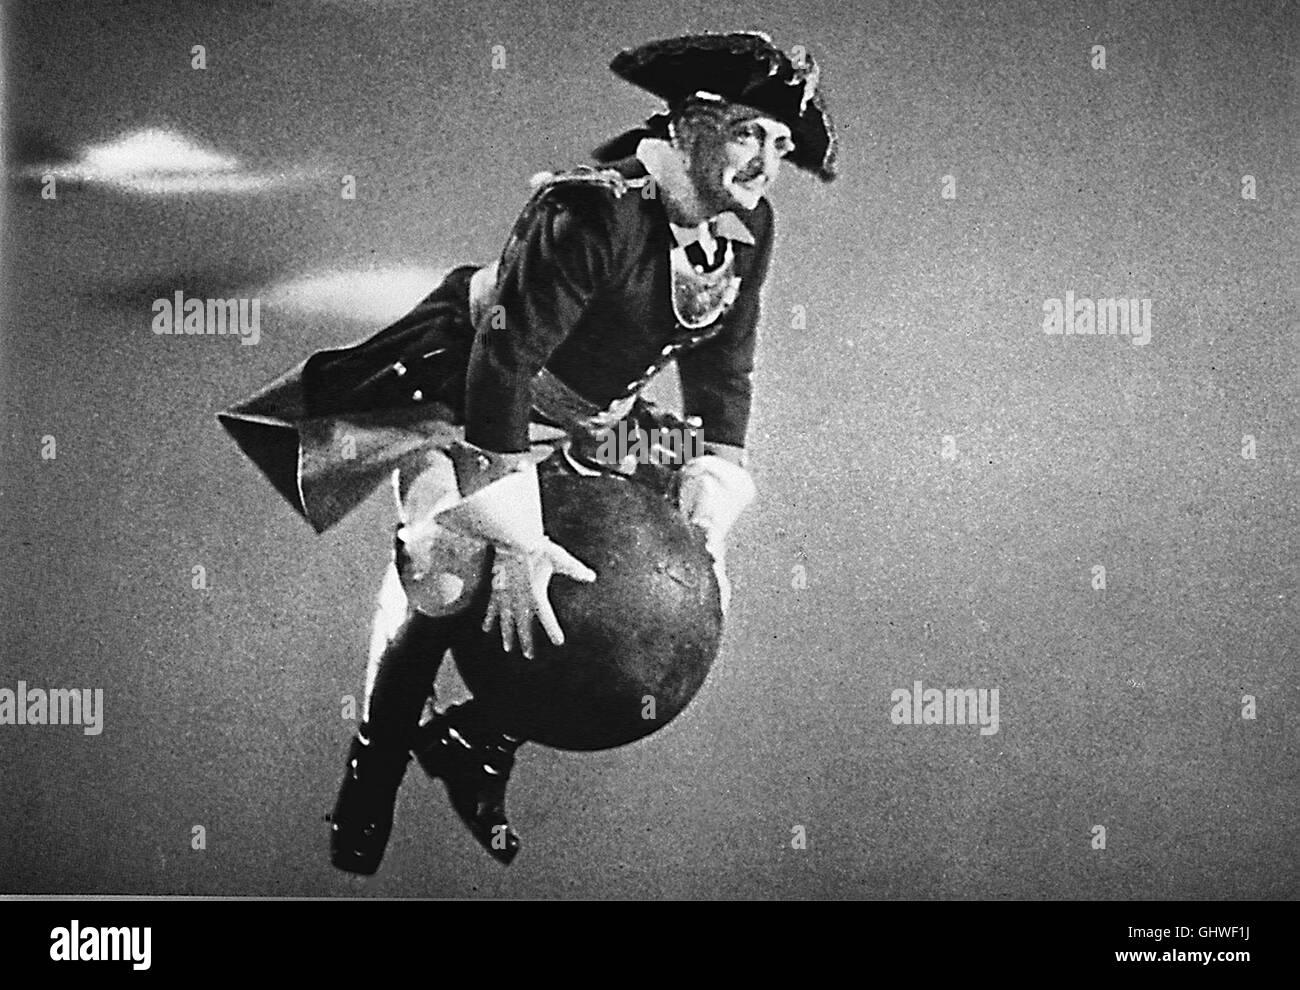 MÜNCHHAUSEN D 1943 - Josef von Bakú HANS ALBERS en einer cerquero größten Rollen, als Lügenbaron Münchhausen. Foto: Münchhausen reitet auf einer Kanonenkugel in eine türkische Festung. Regie: Josef von Bakú Foto de stock